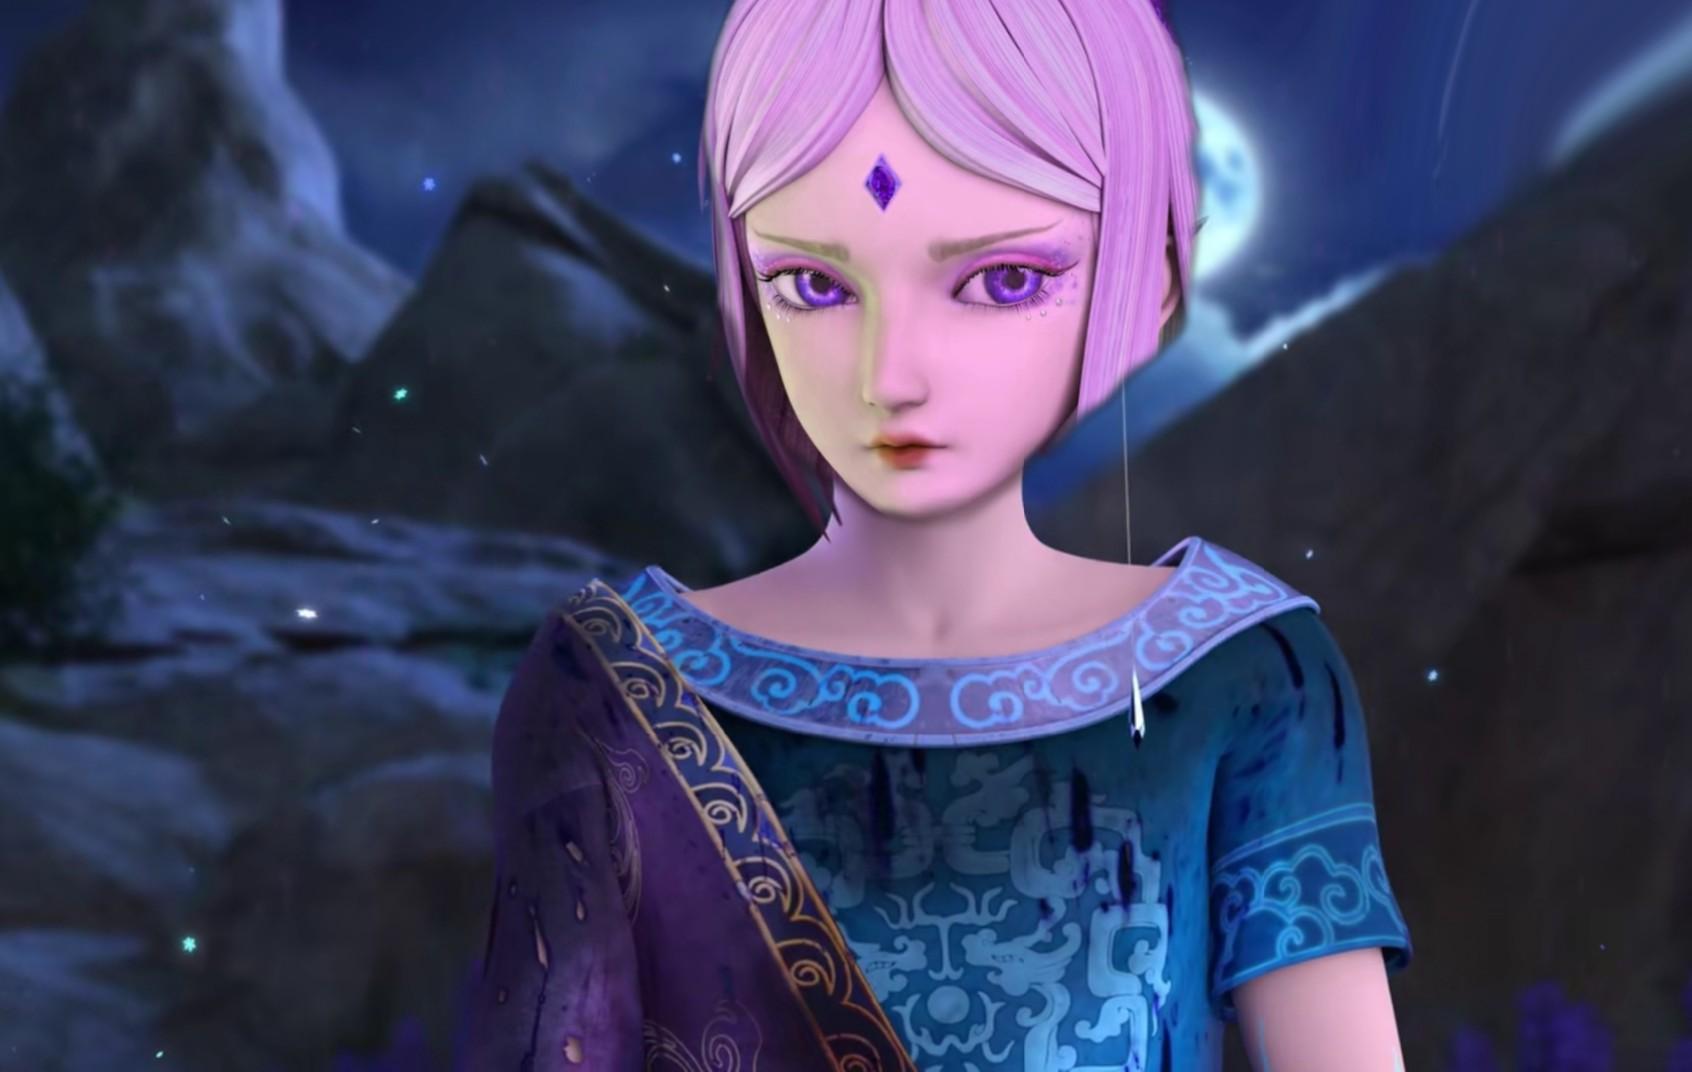 叶罗丽:给仙子换上冰公主的脸,冰公主穿学生装的样子图片